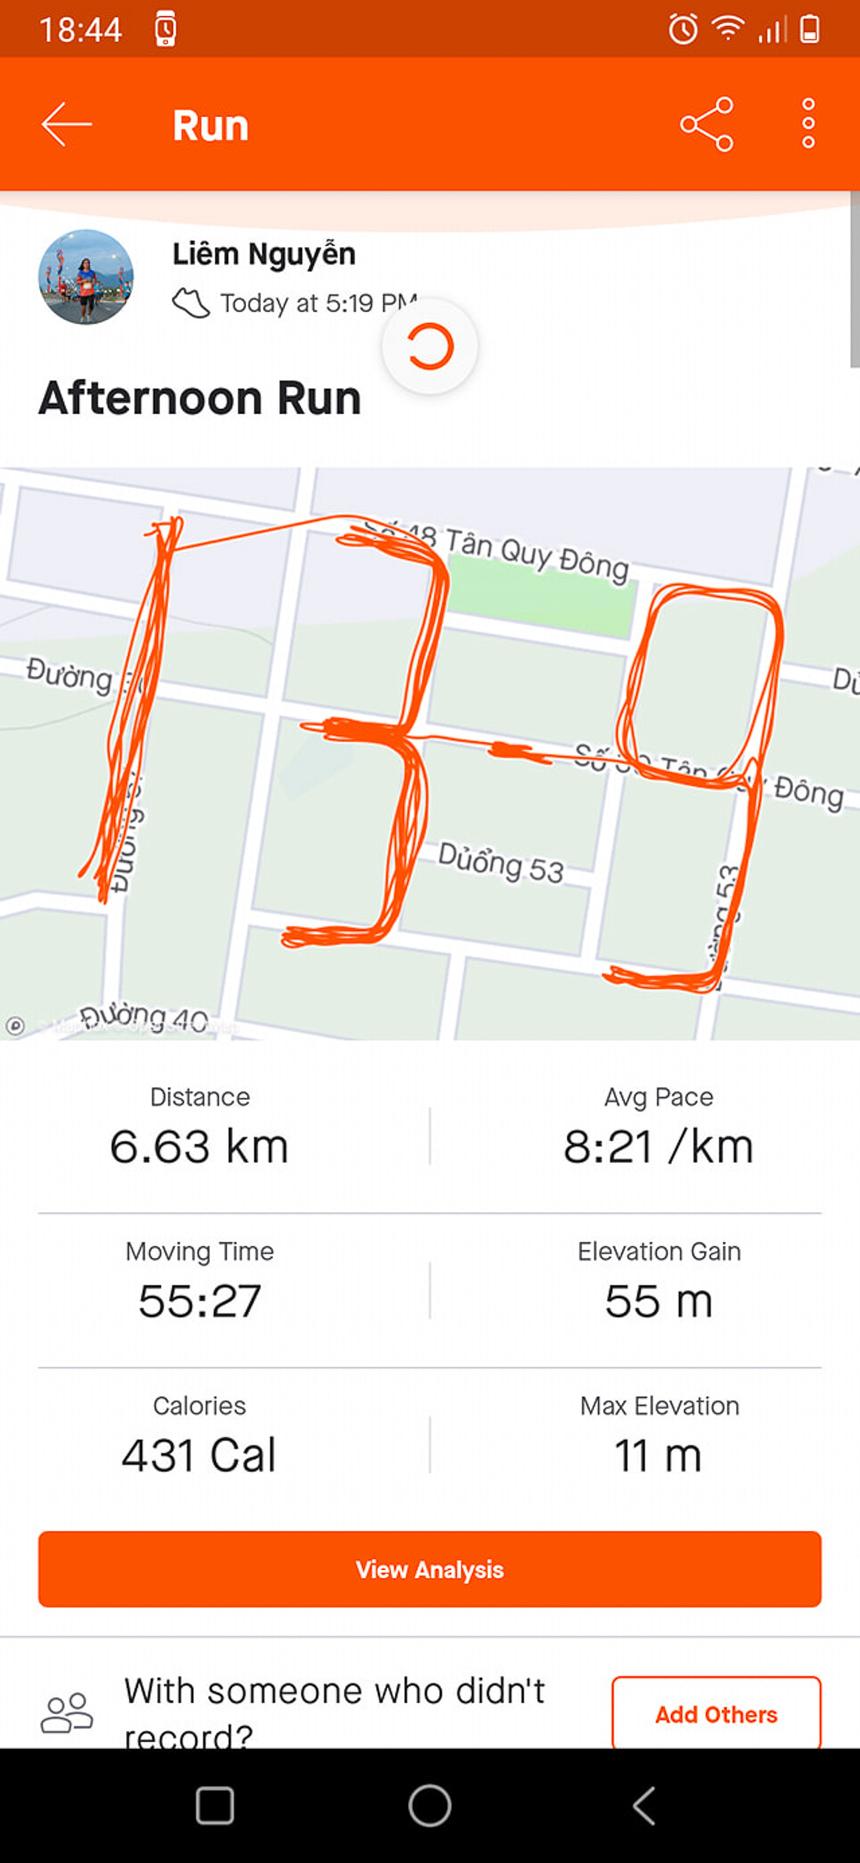 Anh Nguyễn Thanh Liêm - Synnex FPT có bài dự thi đúng chuẩn 'runner nhà F'. Anh là một gương mặt không xa lạ trong giới chạy FPT. Gần đây nhất, anh tham dựVnExpress Marathon Quy Nhơn 2020 ở cự ly 21 km.